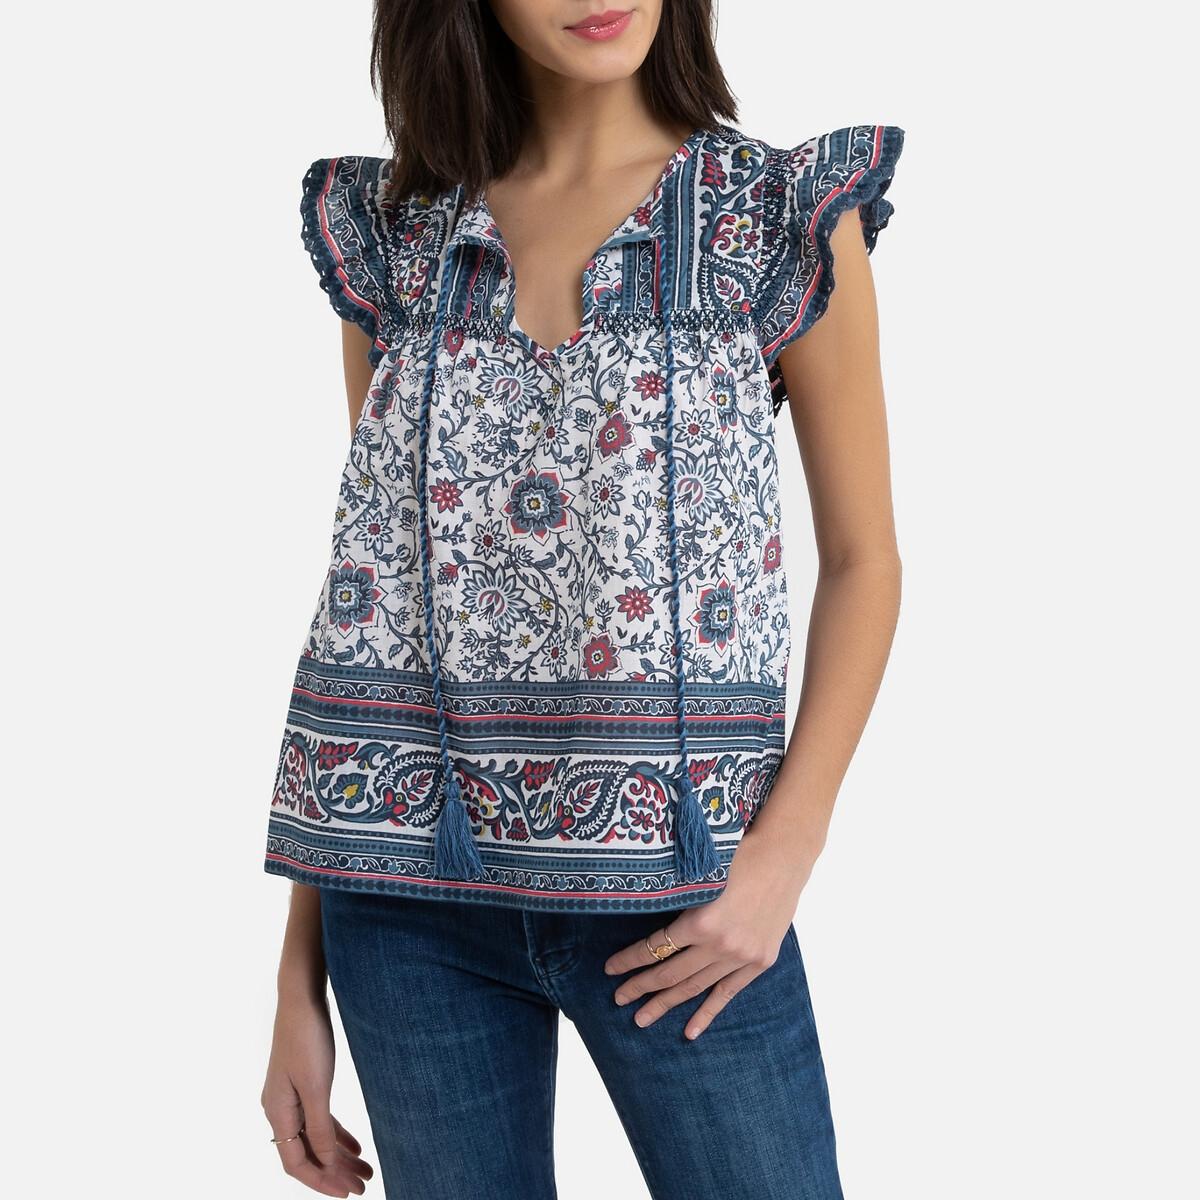 цены Блузка La Redoute С круглым вырезом с завязками и цветочным рисунком S синий